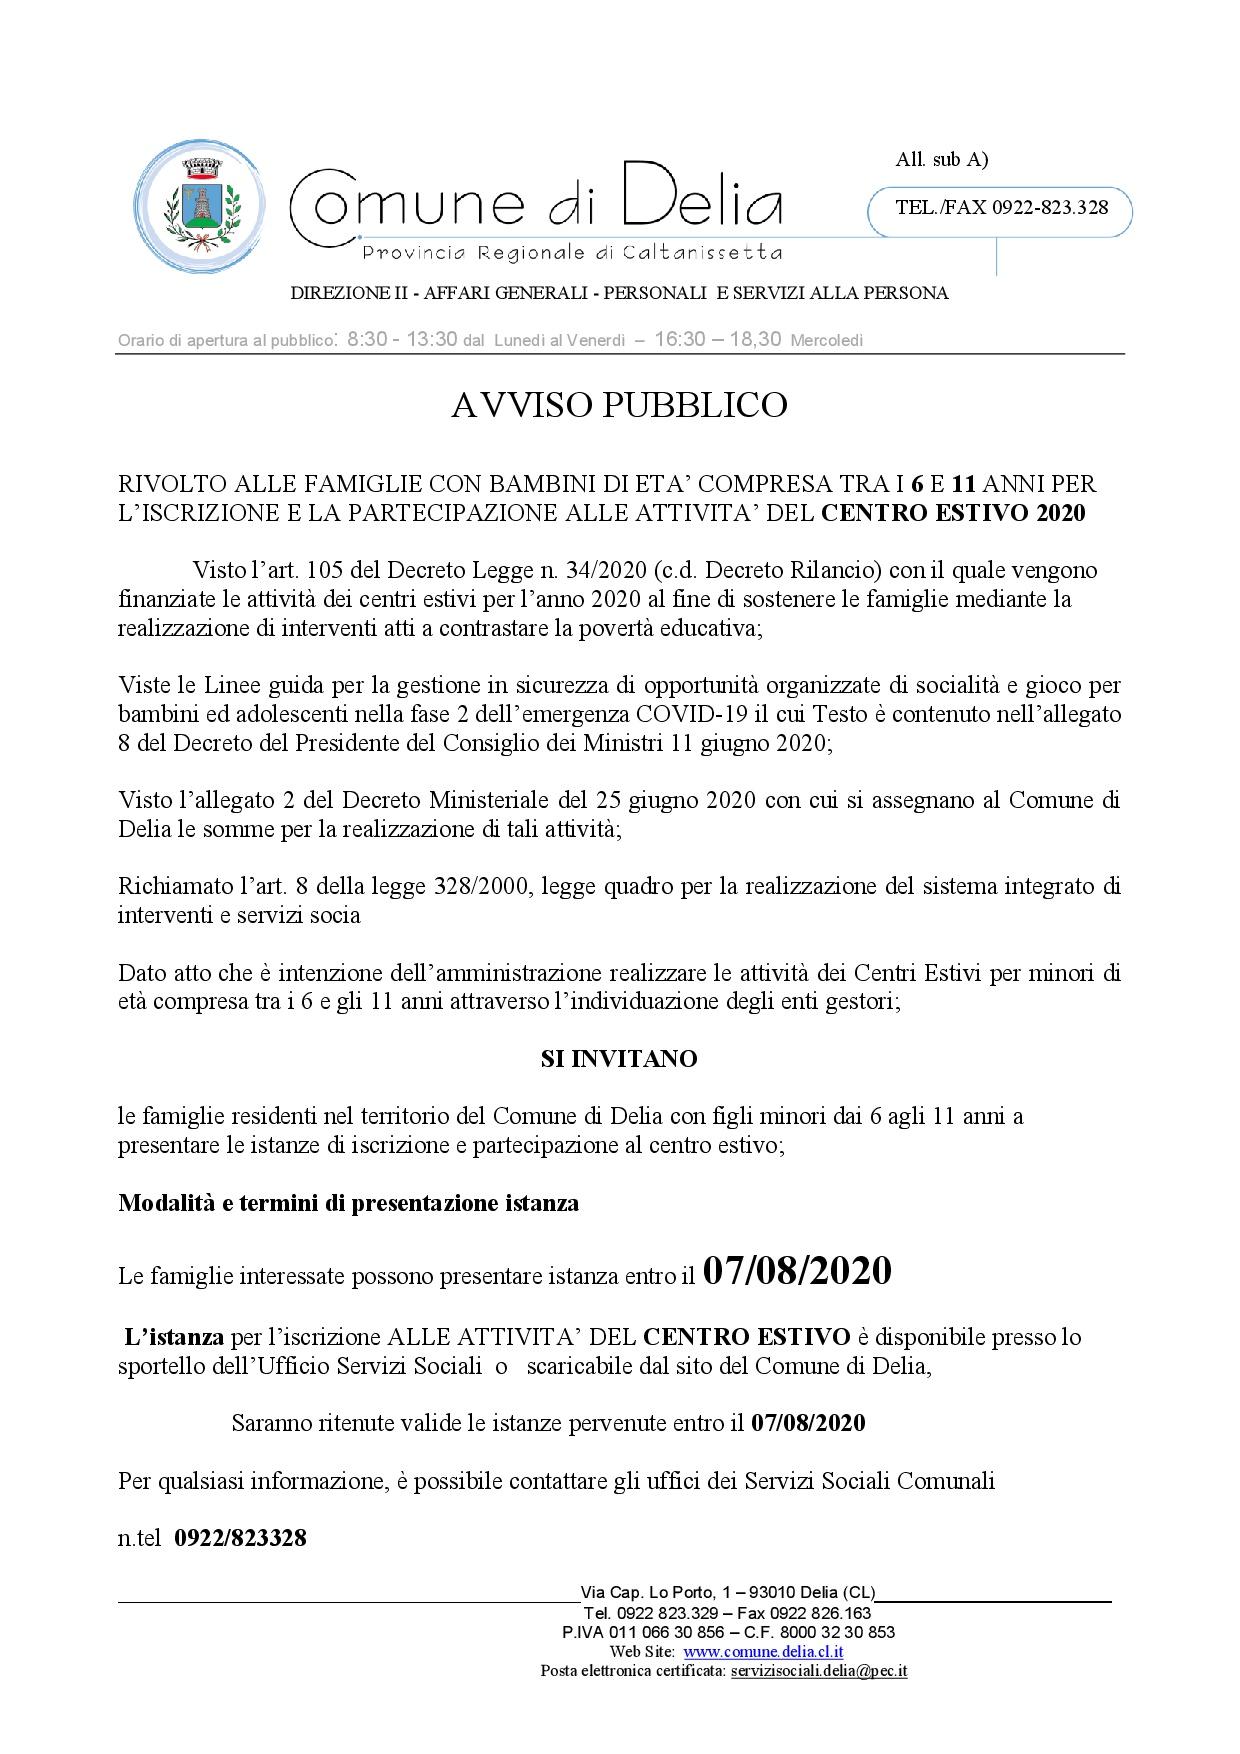 avviso_pubblico_centro_estivo_2020.pdf.p7m-001